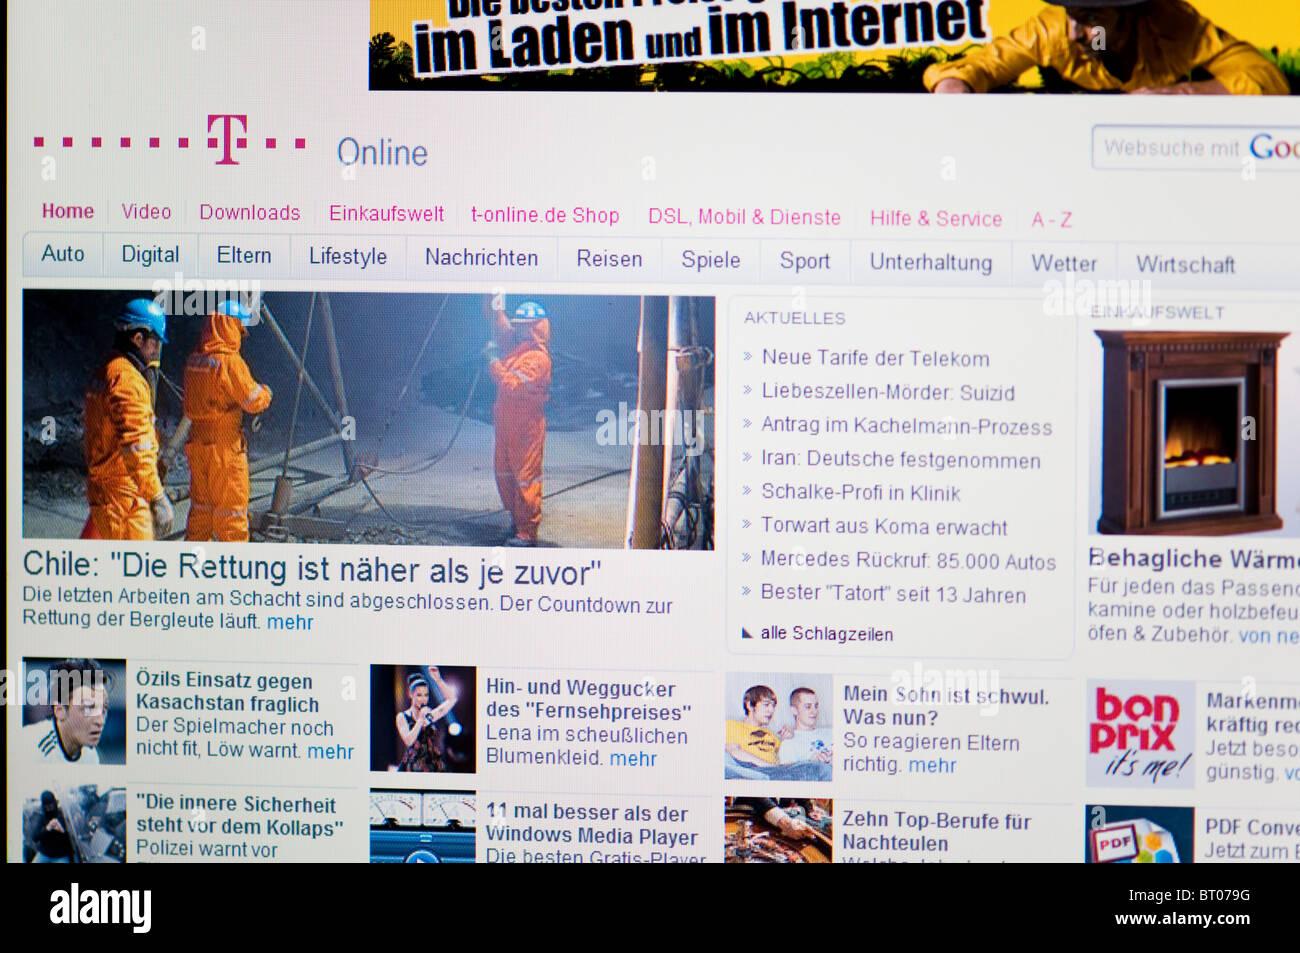 Schlagzeile für Dating-Website yahoo